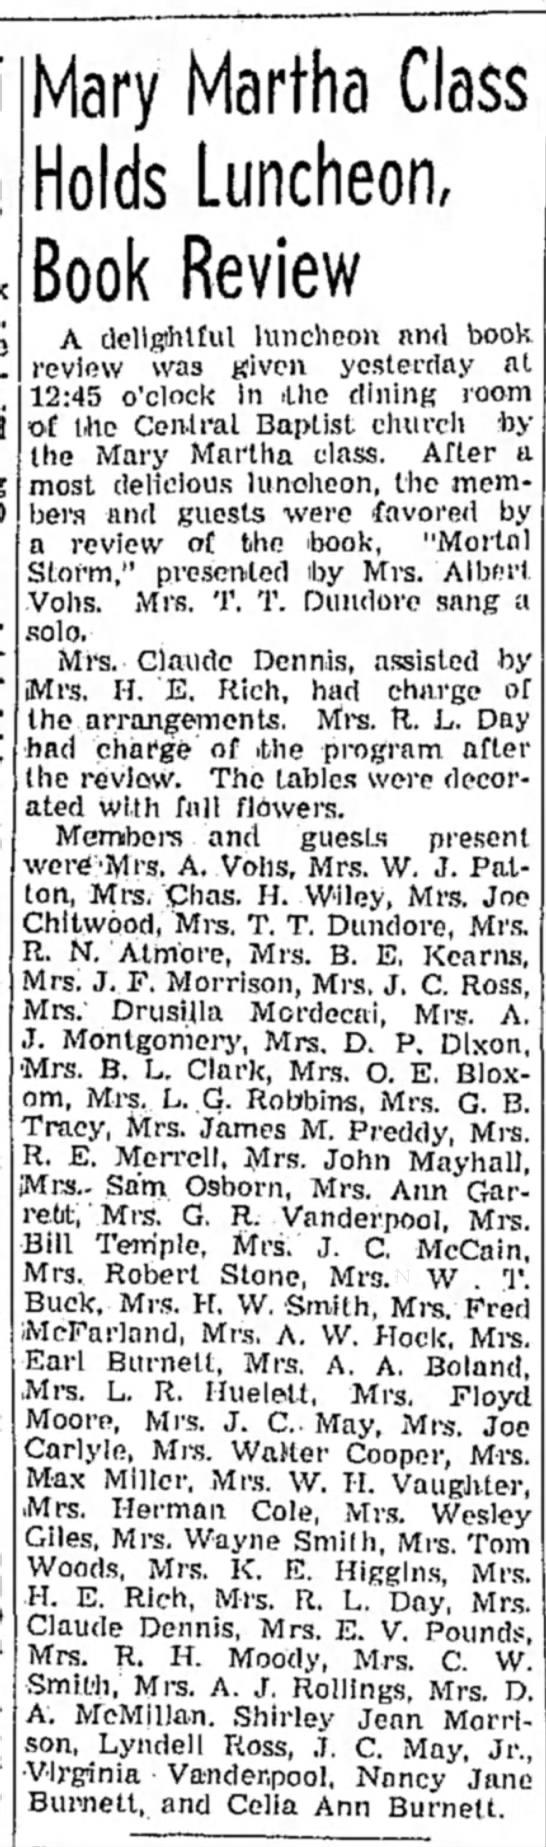 Clovis News-Journal 11/9/1938 -